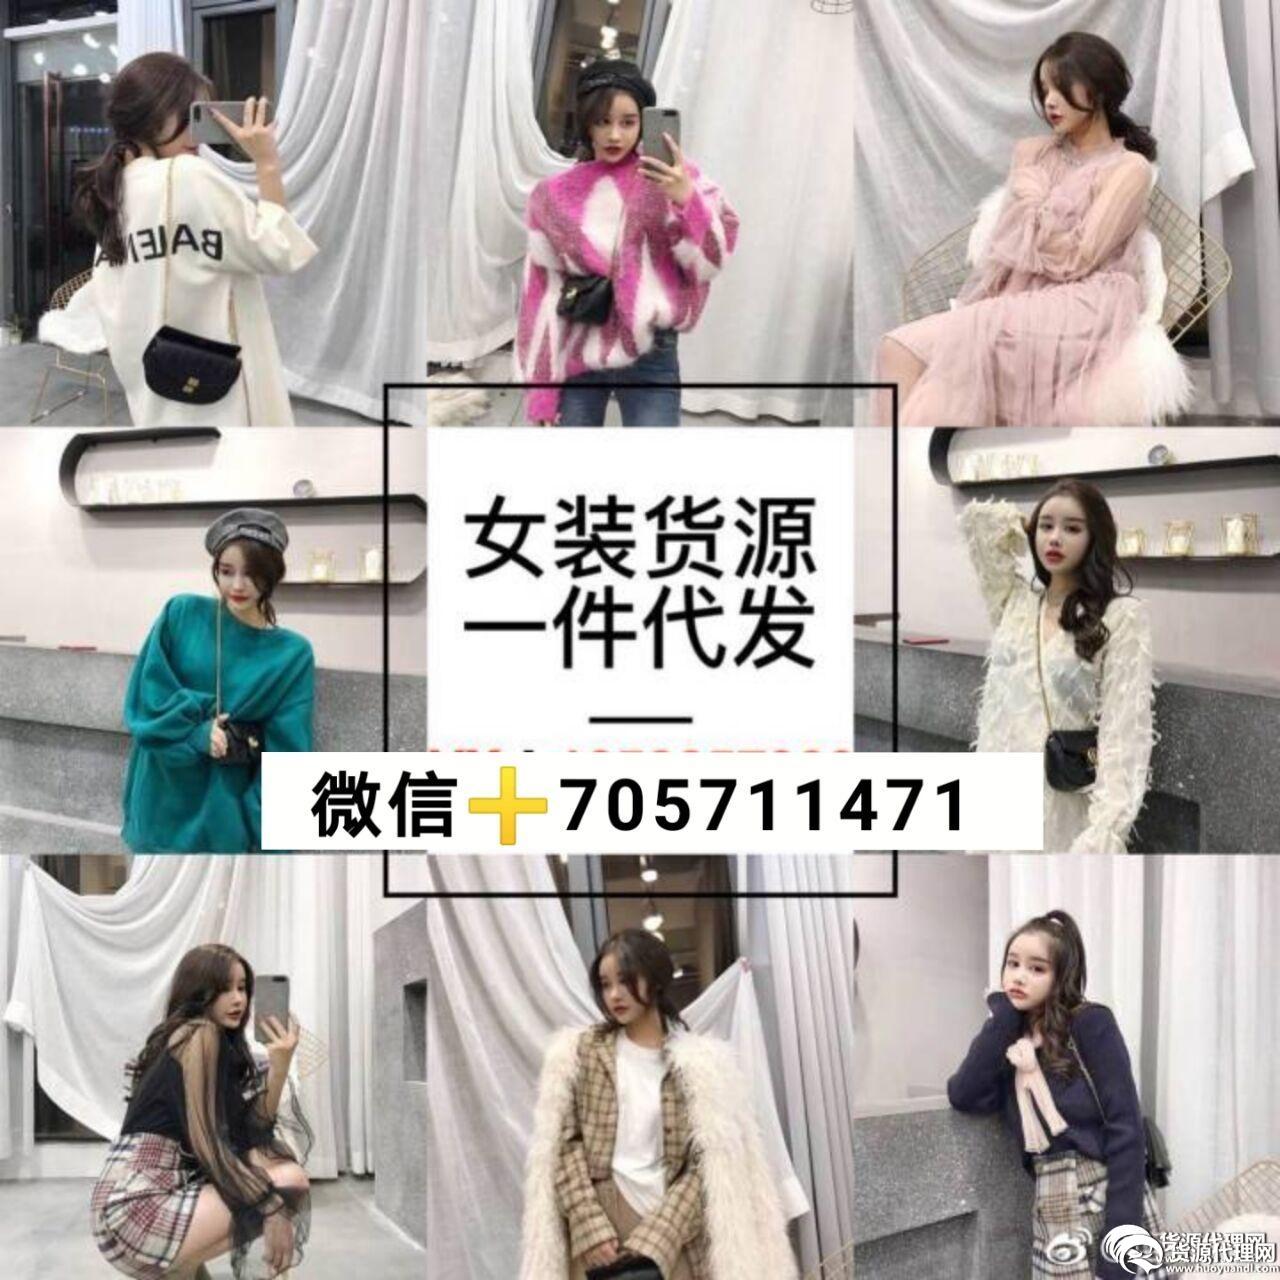 精品童装女装 微商免费代理 一手货源 一件代